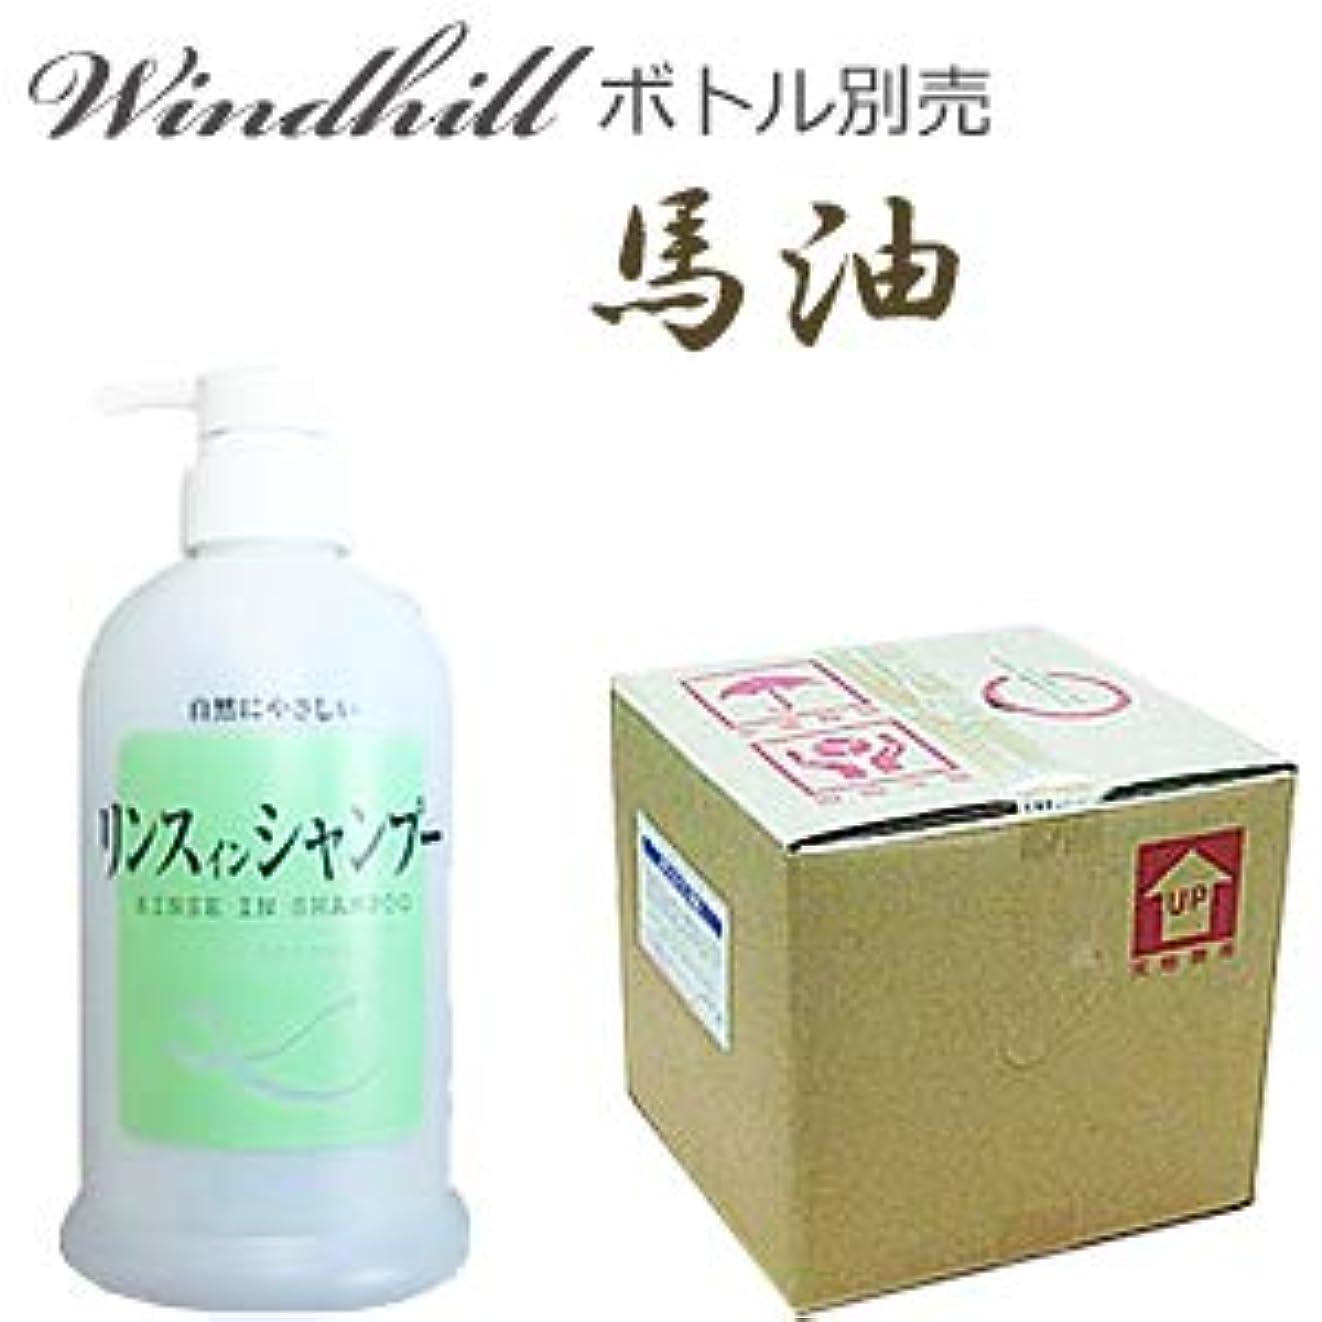 Windhill 馬油 業務用 リンスイン シャンプー フローラルの香り 20L